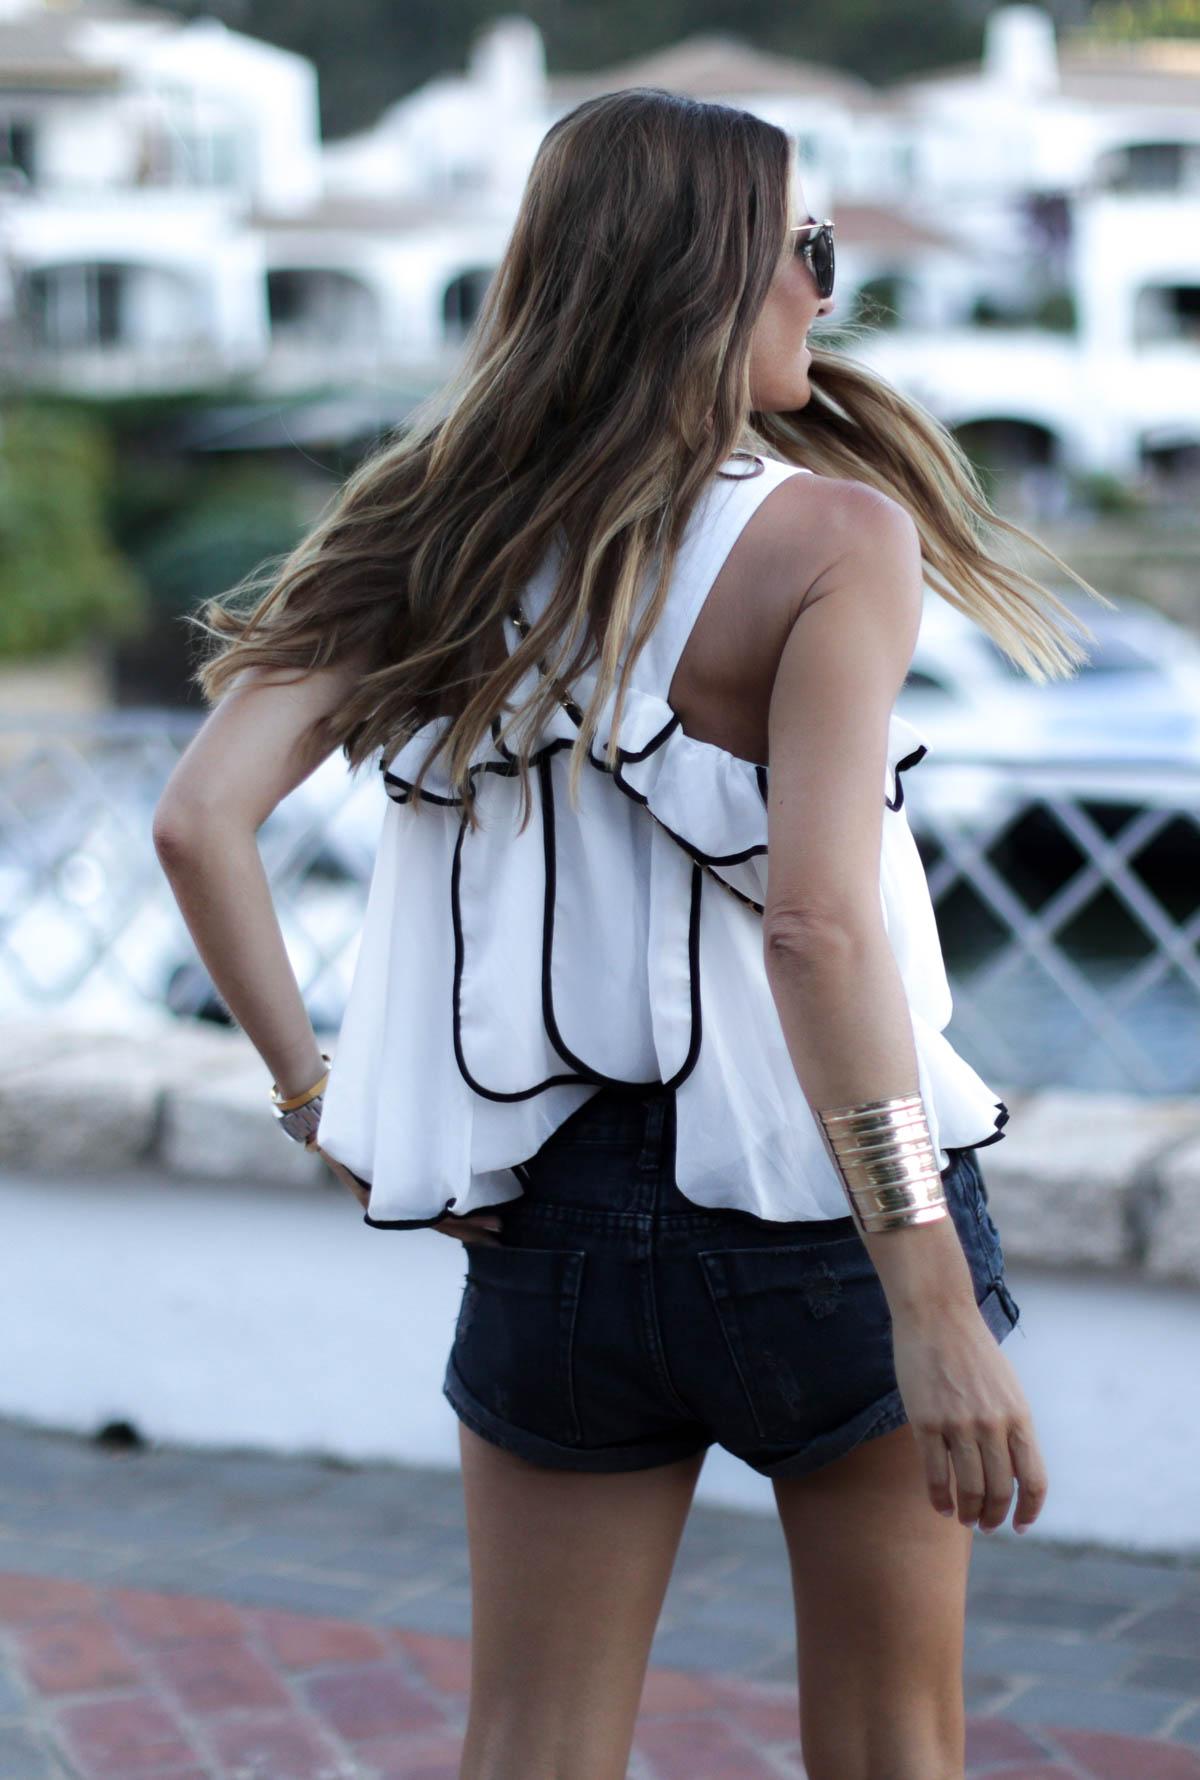 bartabac blob moda fashion chanel aquazzura sandals oneteaspoon bag bolso-10